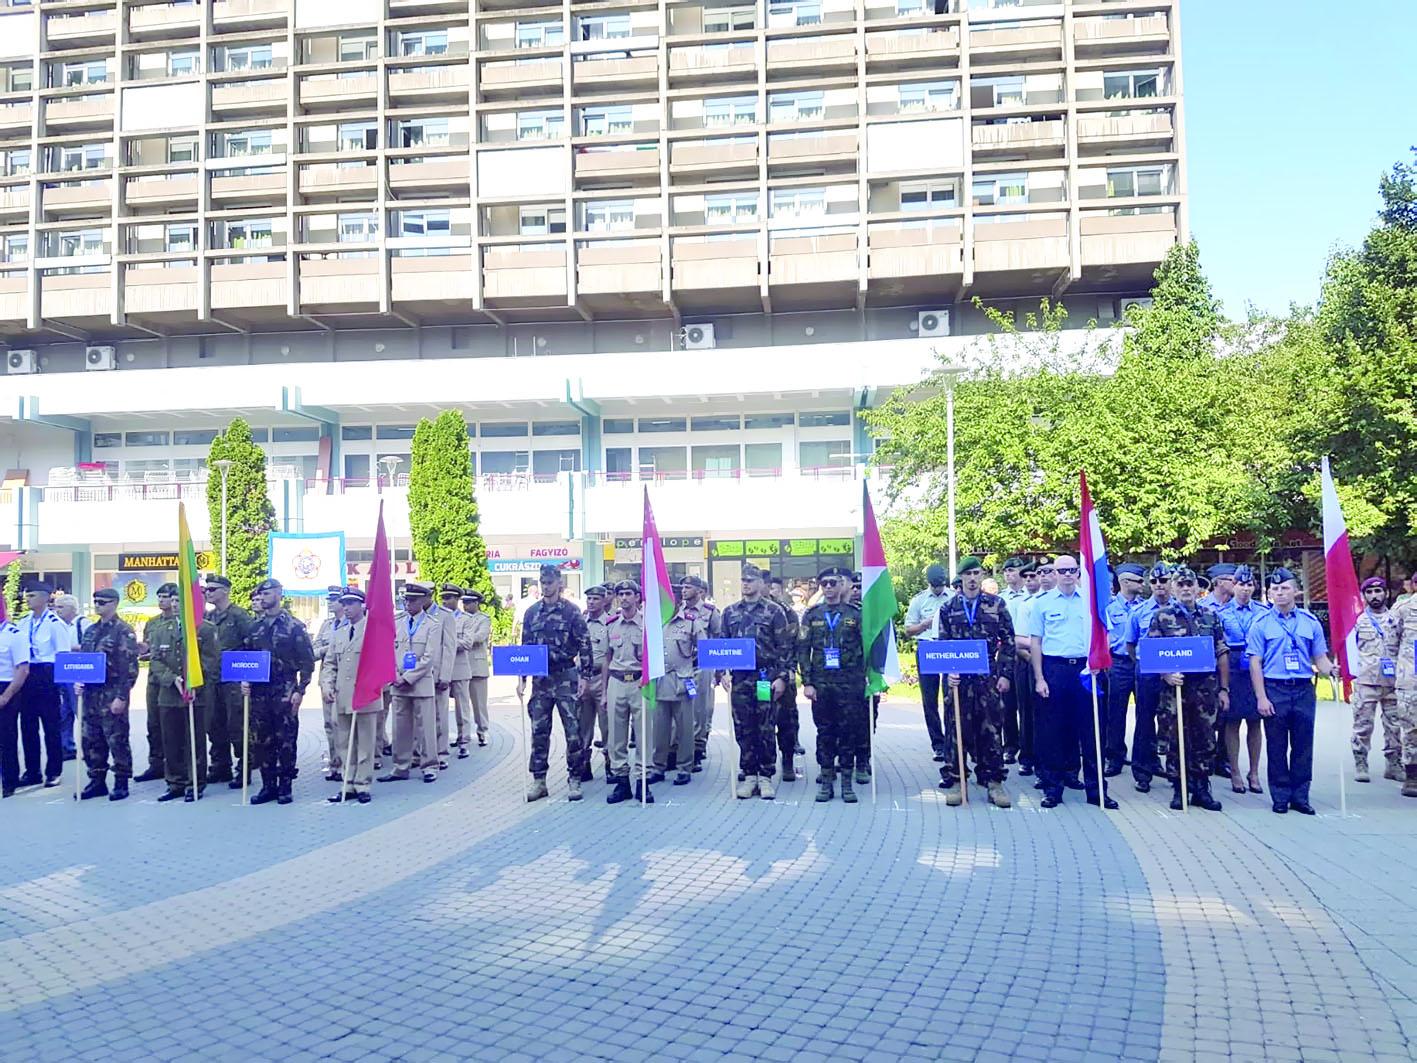 «الوطني» للقفز الحر يبدأ مشاركته في السيزم بهنغاريا